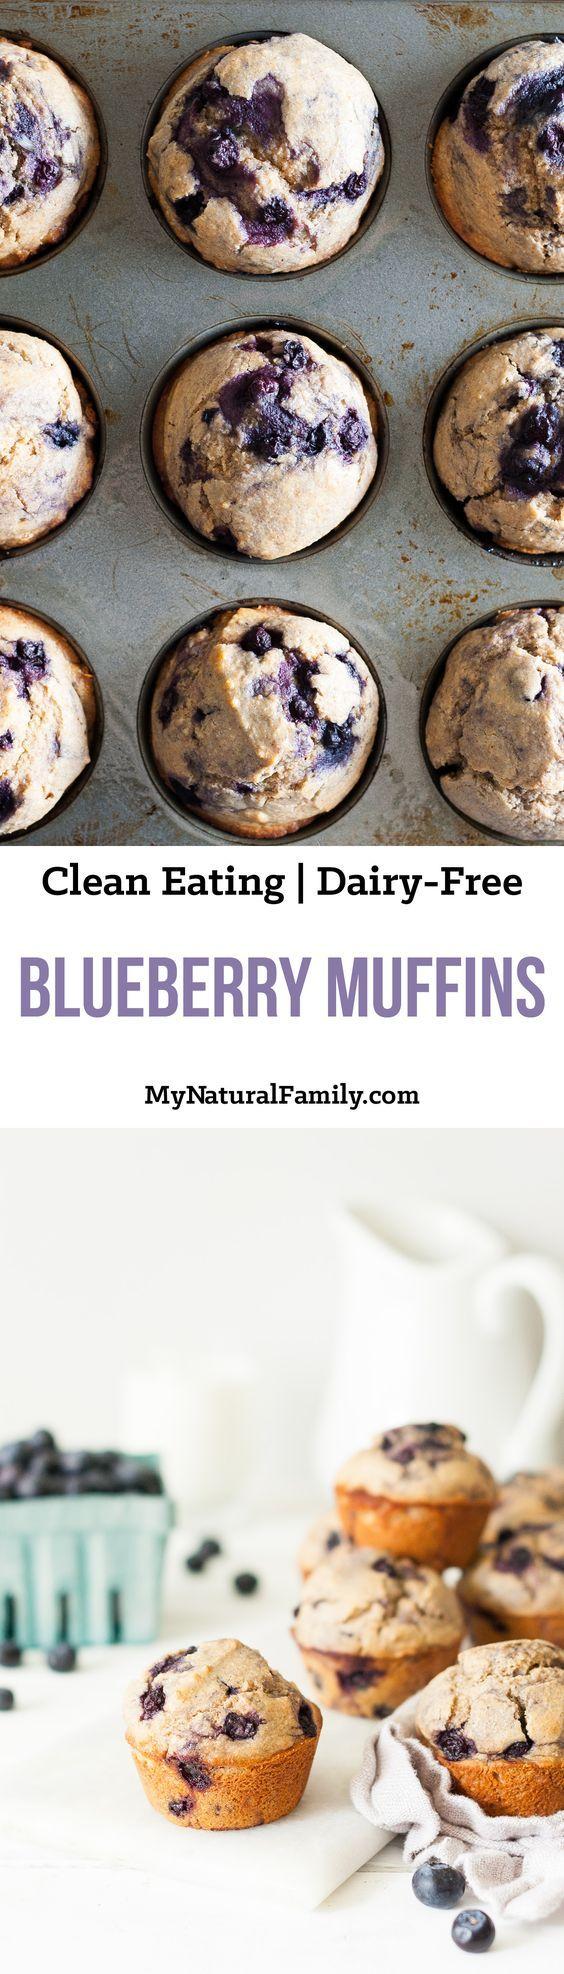 ... Blueberry Muffins op Pinterest - Muffins, Bosbessen en Zuiver Eten